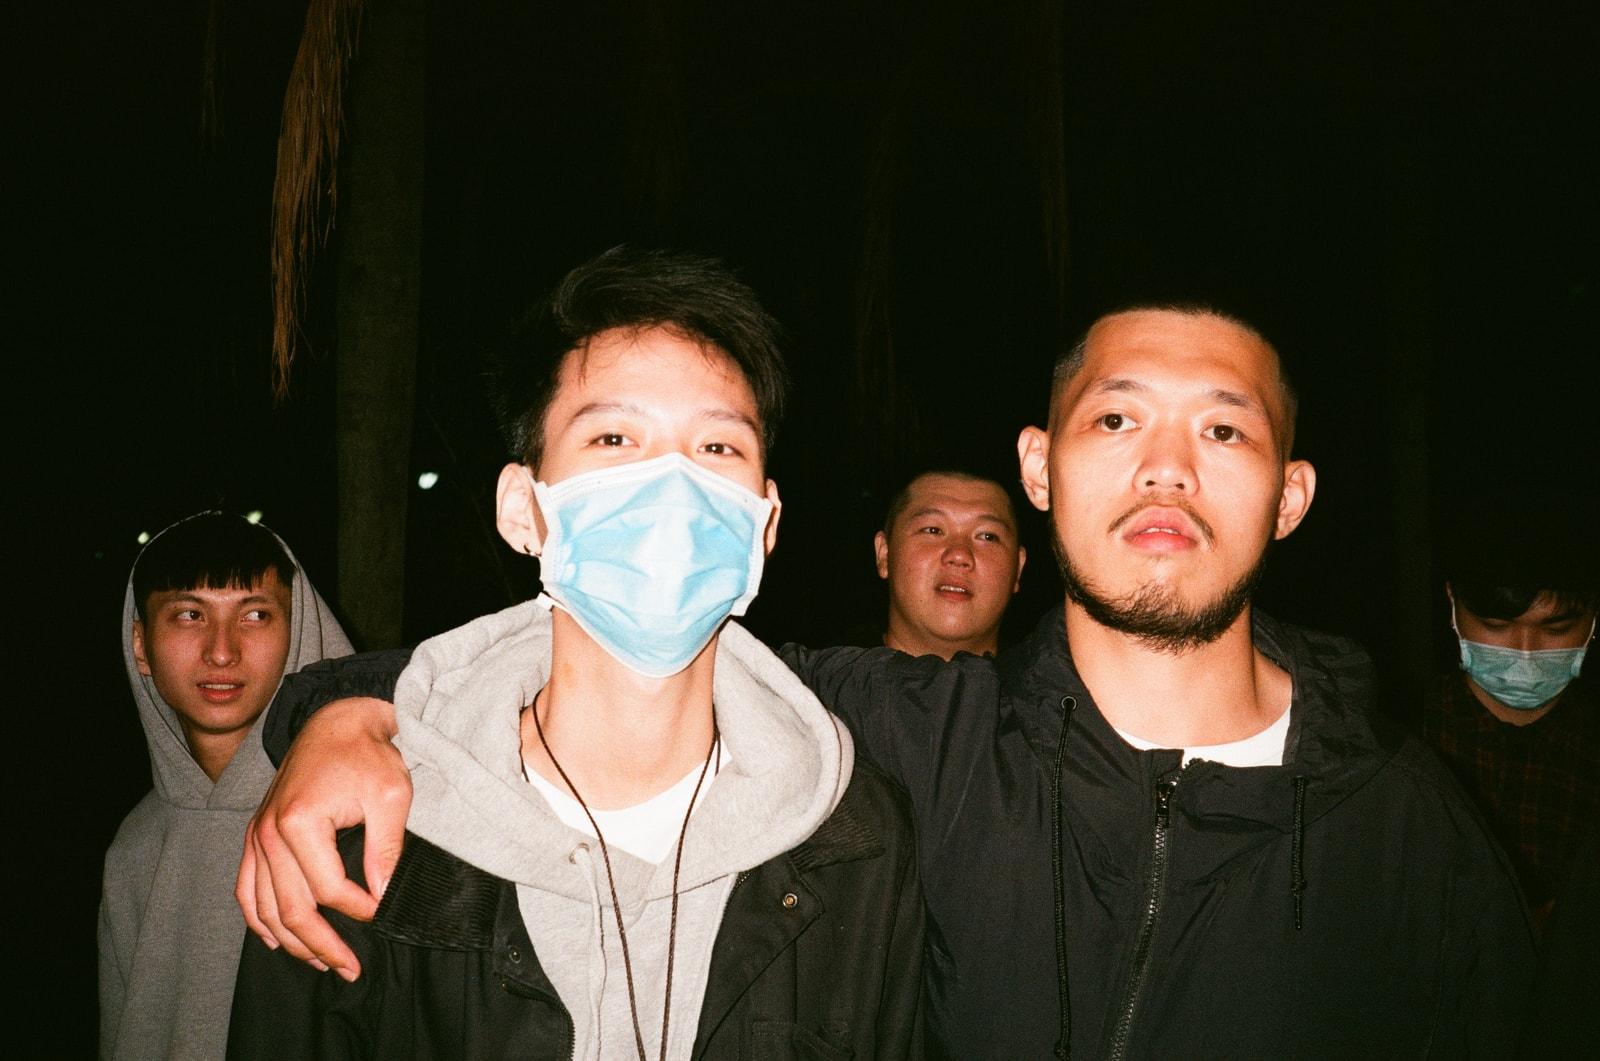 獨家專訪《天水圍 Gang Gang》製作團隊 : 我覺得這個城市像是多了我們的印記。